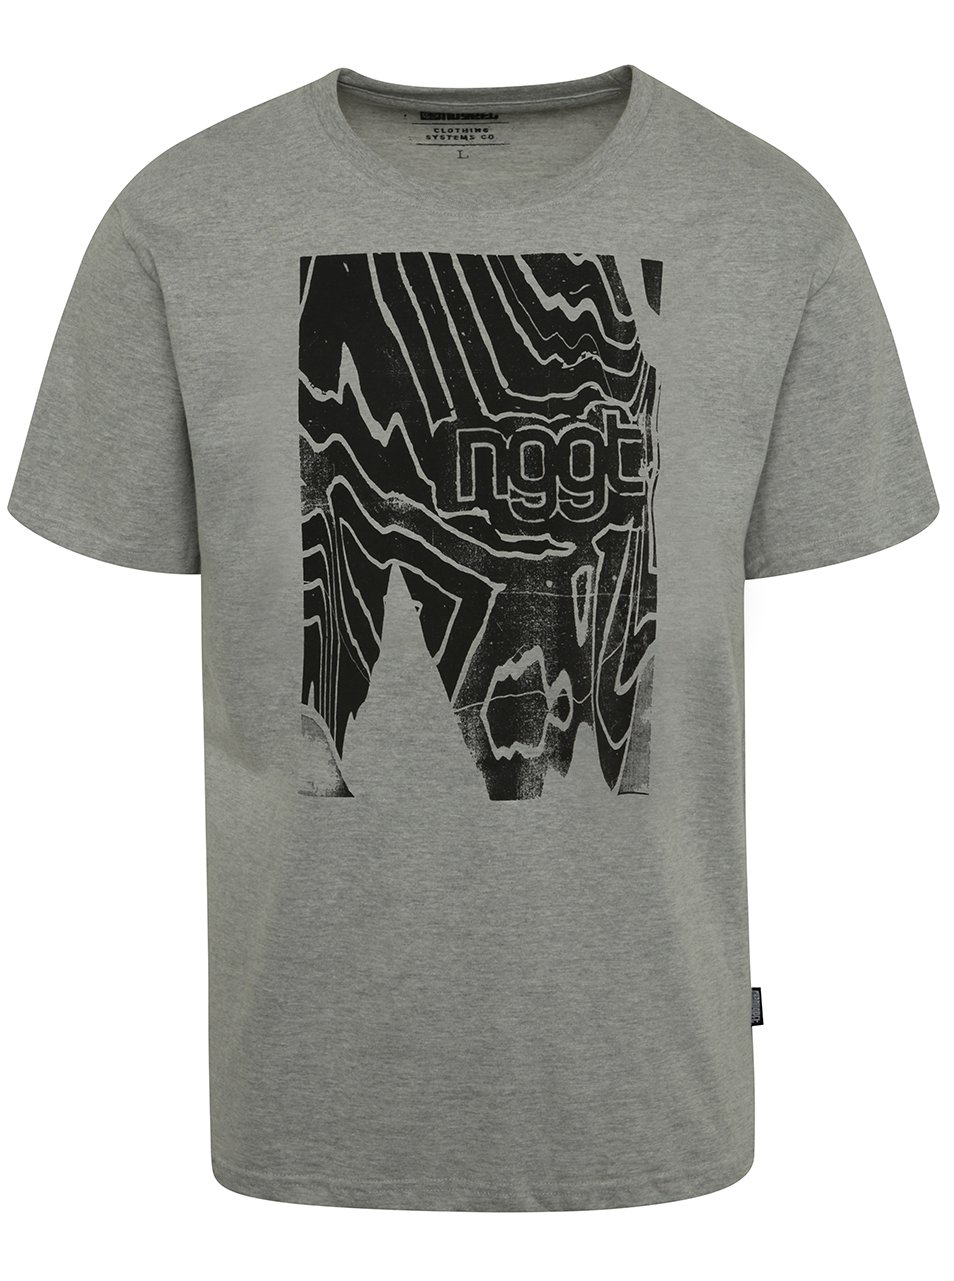 Šedé pánské triko s potiskem NUGGET Anomaly